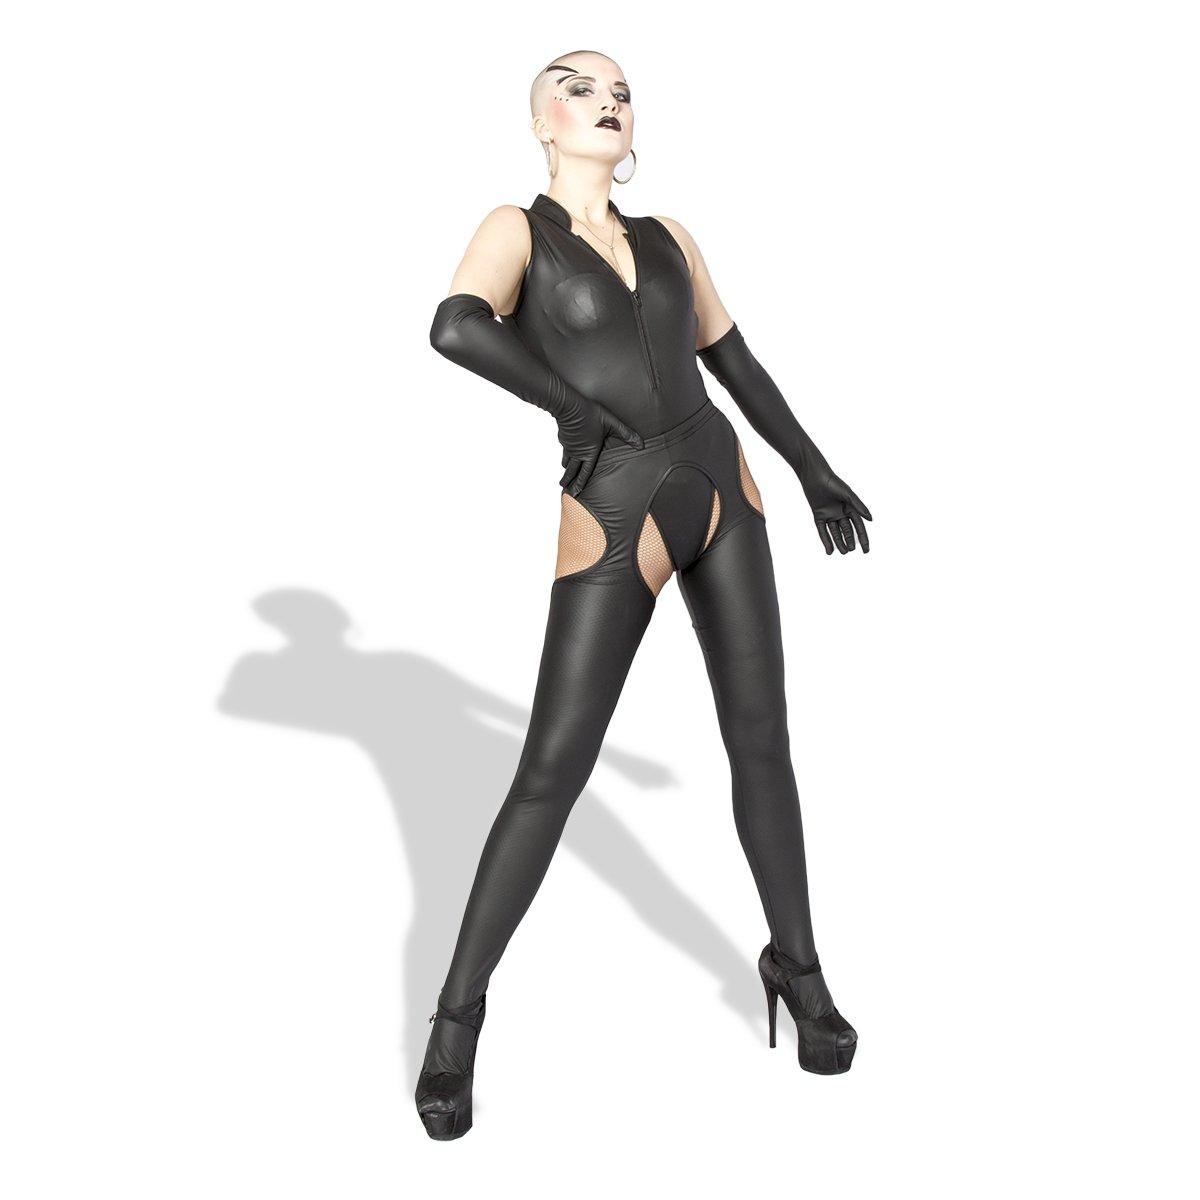 Ropa De Esclavitud, Ropa Interior Sexy De Cuero Cuero De De PVC Negro Charol Recubierto De 3 Piezas De Discoteca Espectáculo De Baile De Poste, Ropa Par BDSM 379152